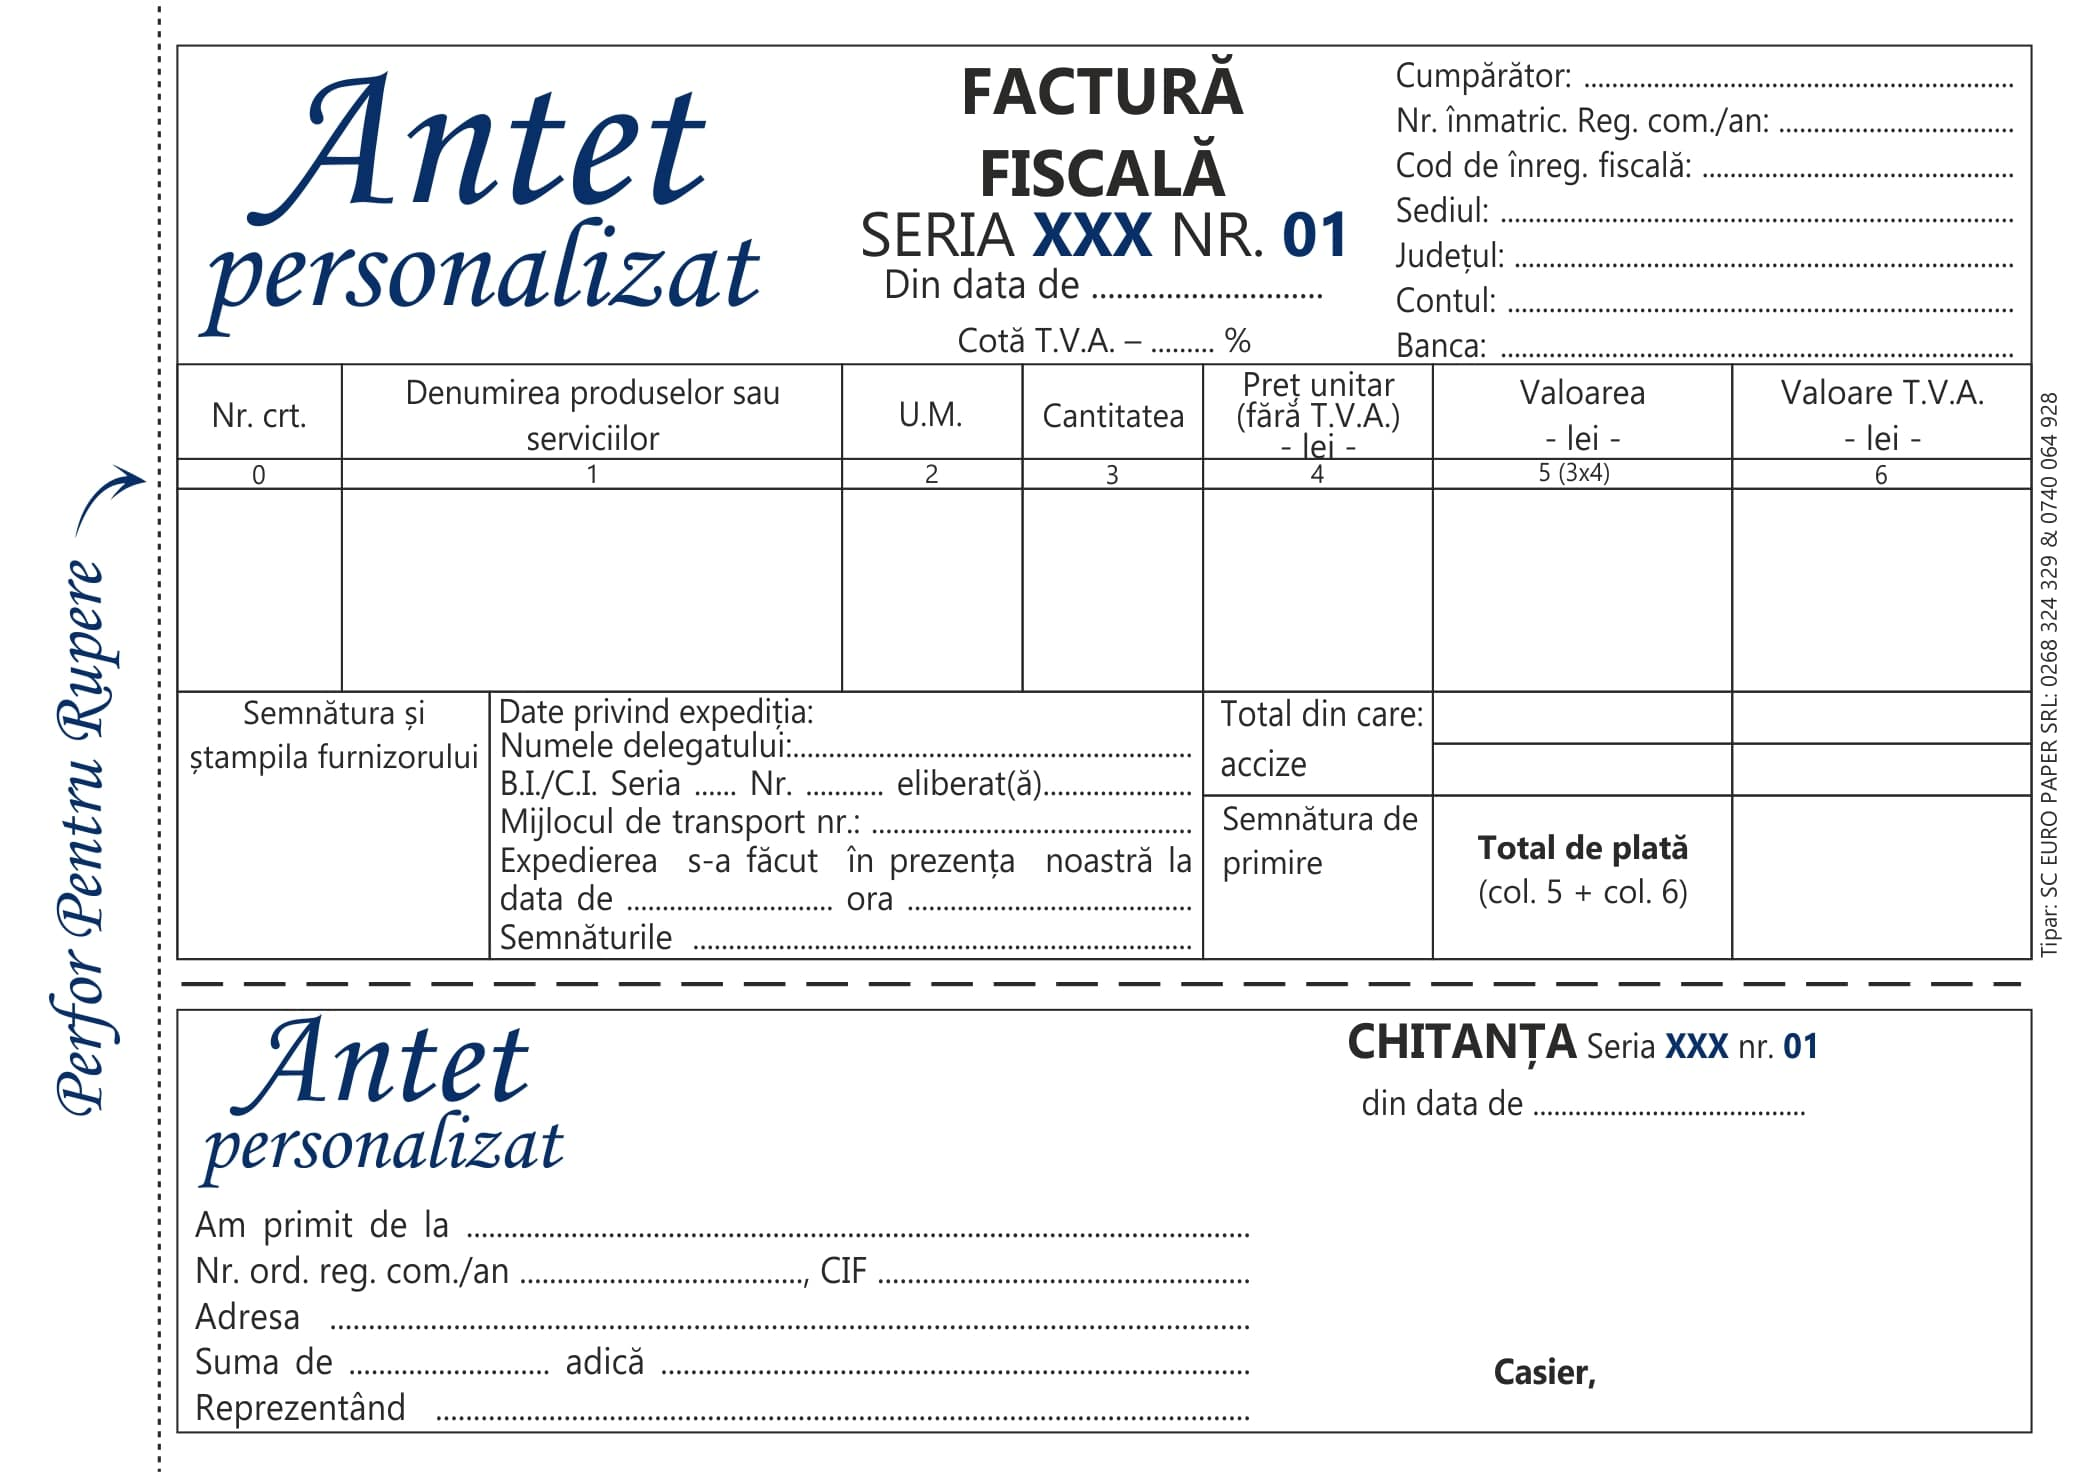 Facturier cu tva cu chitanta personalizat A5 MODEL 1- Tipizate personalizate Brasov - Europaper Brasov Centru Print